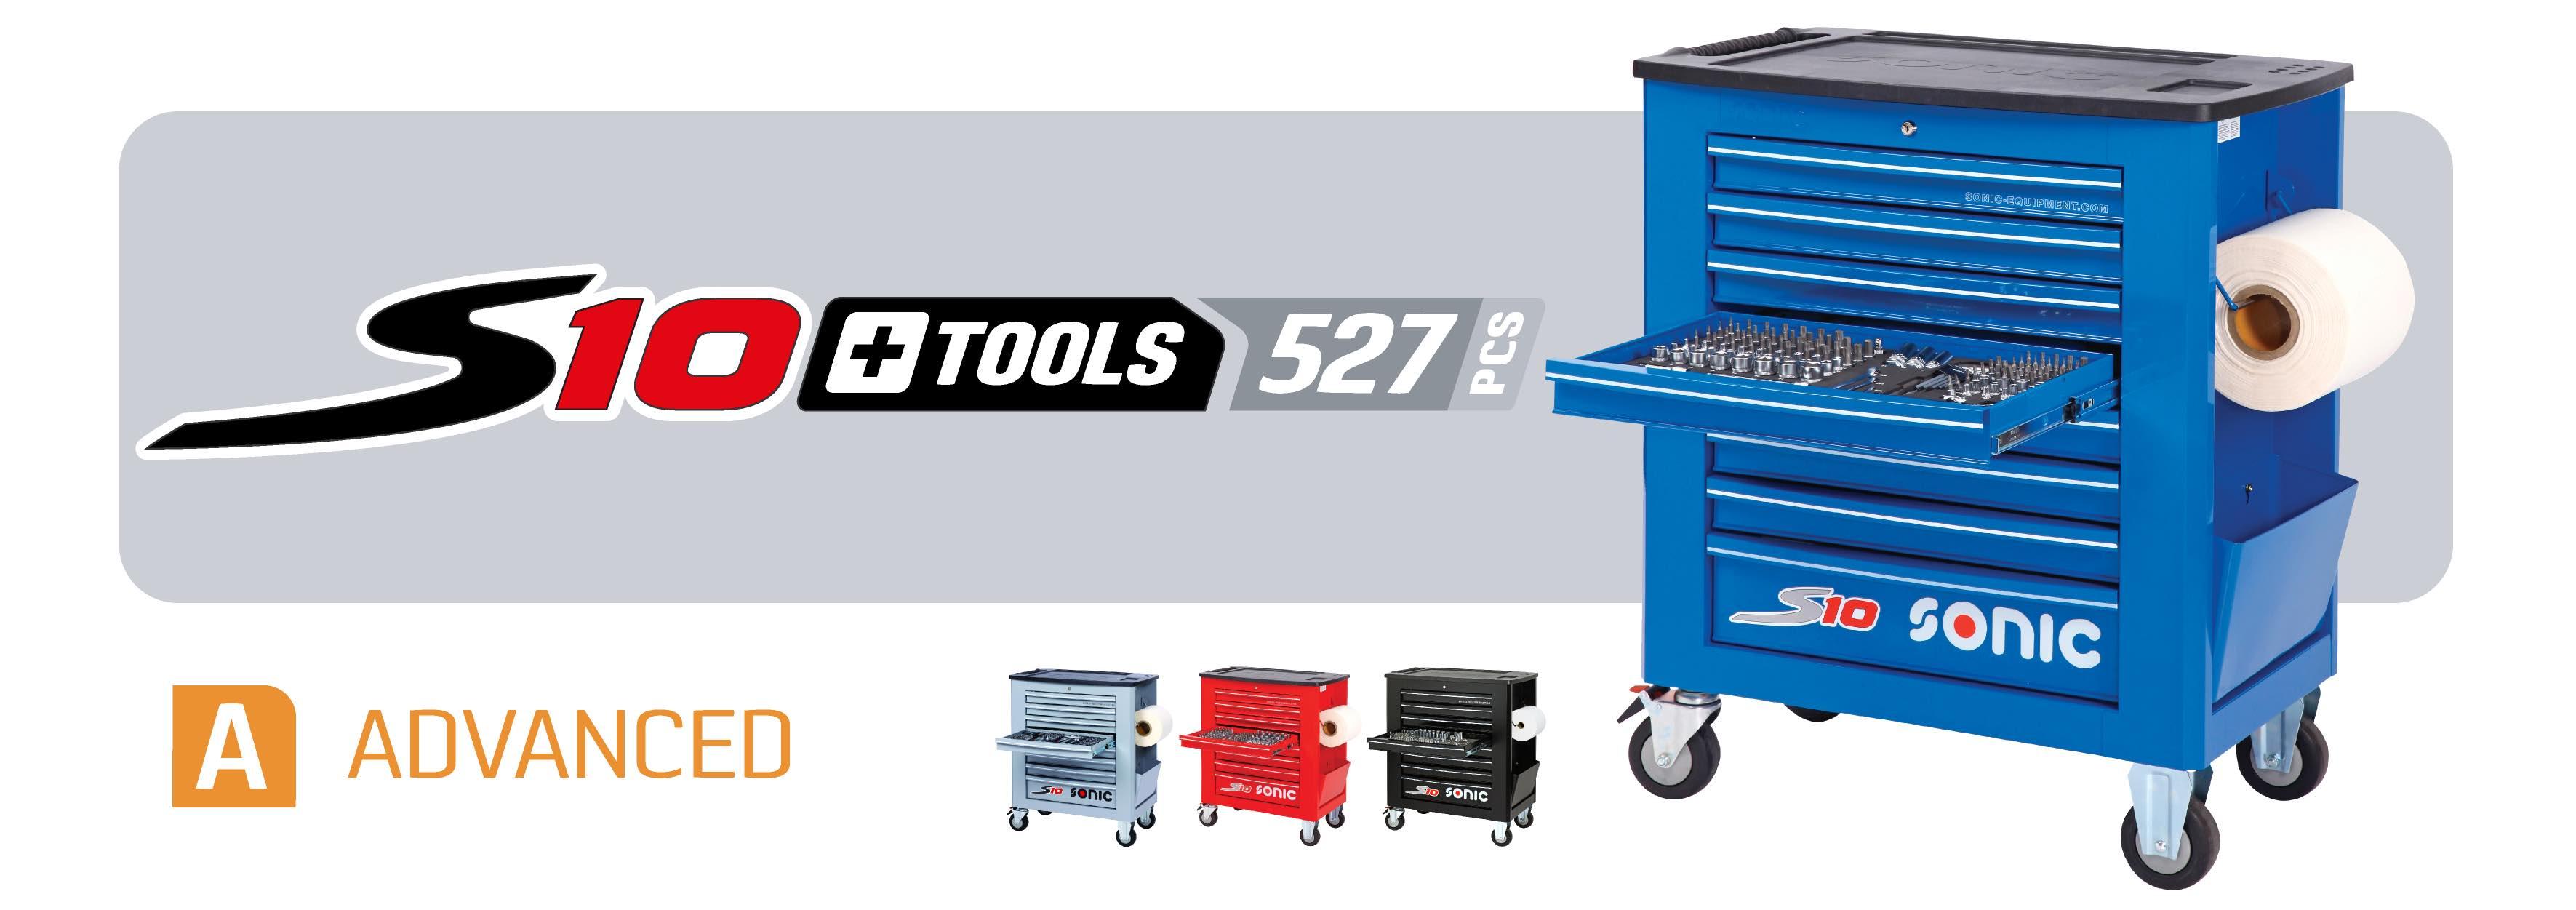 527件式自定义工具包